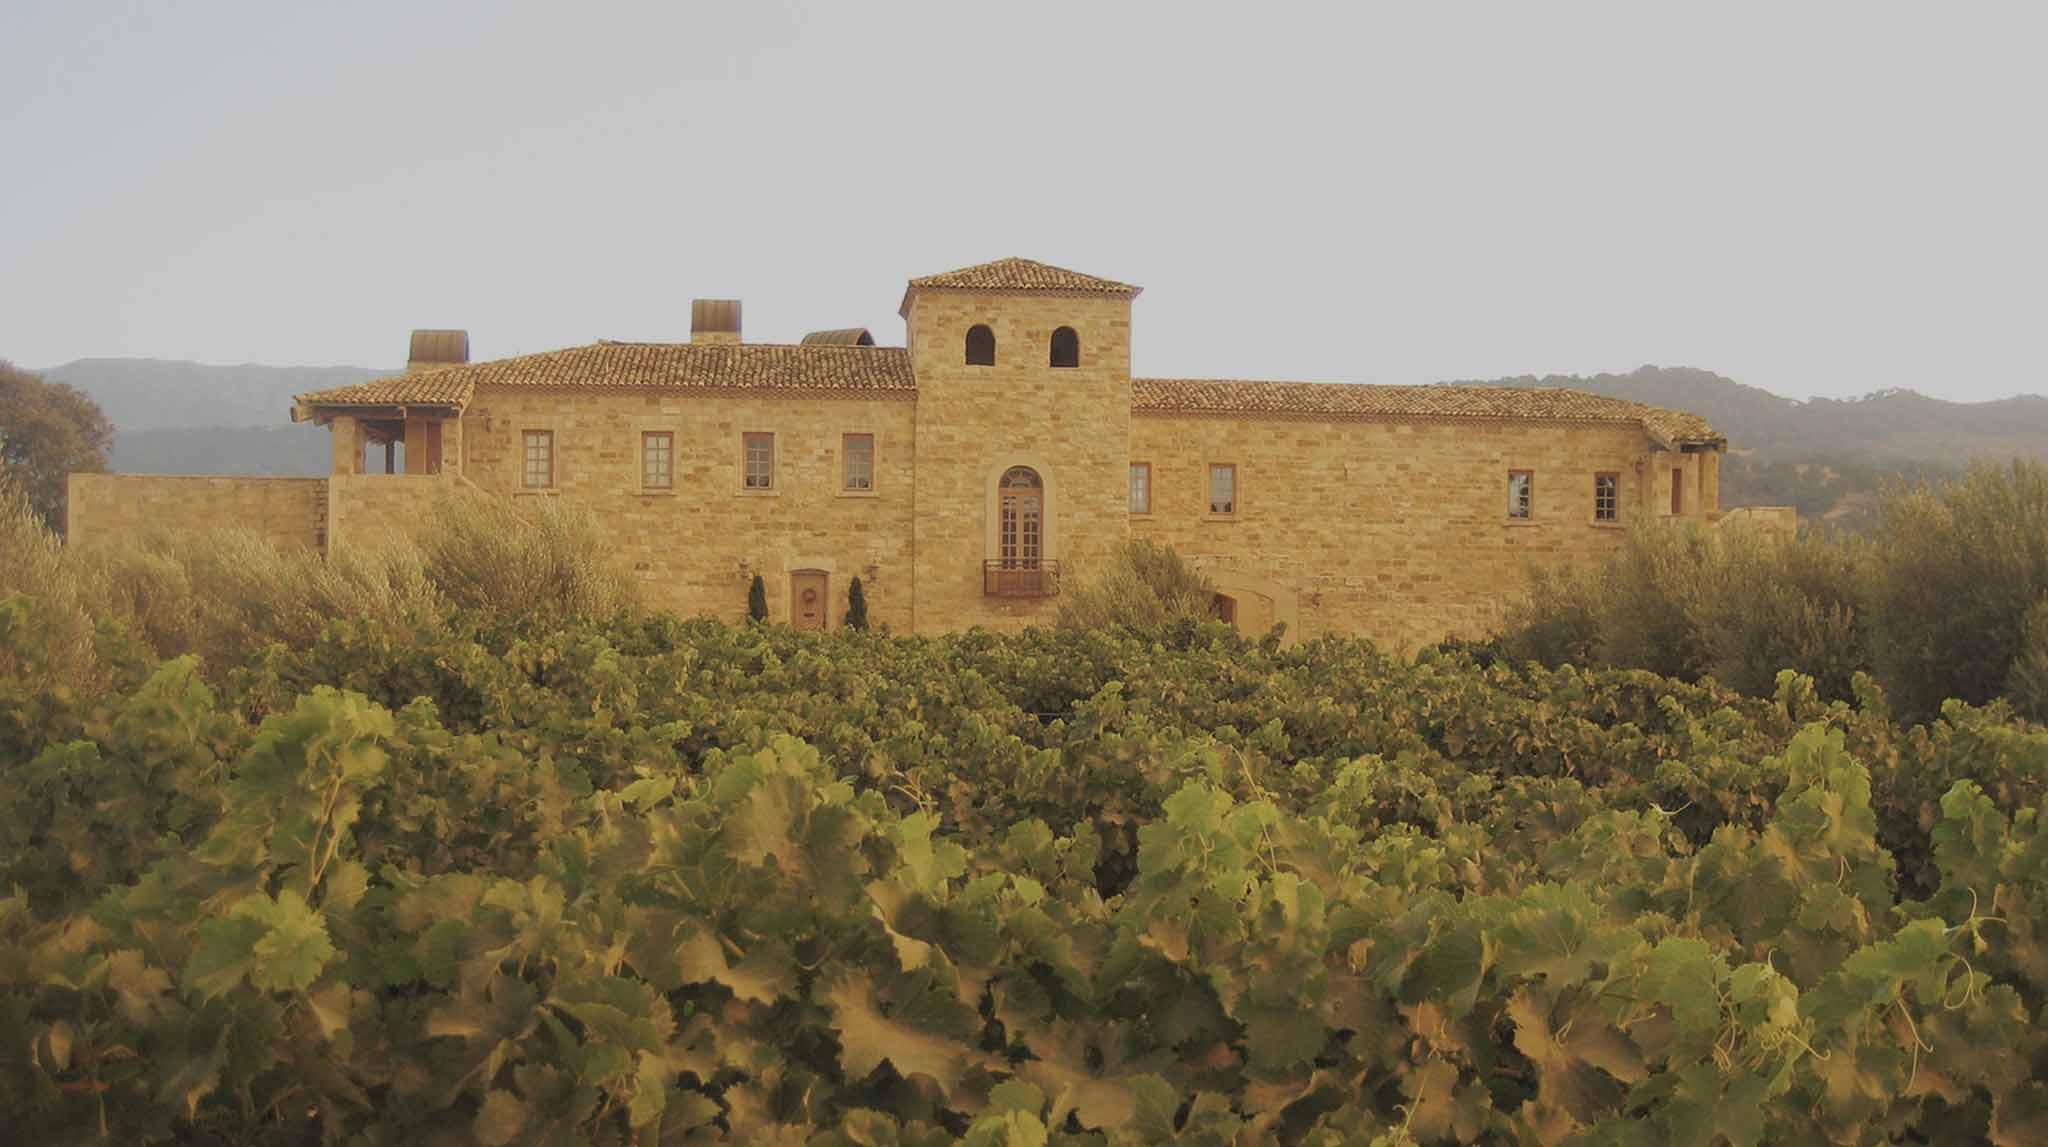 The Sunstone Villa